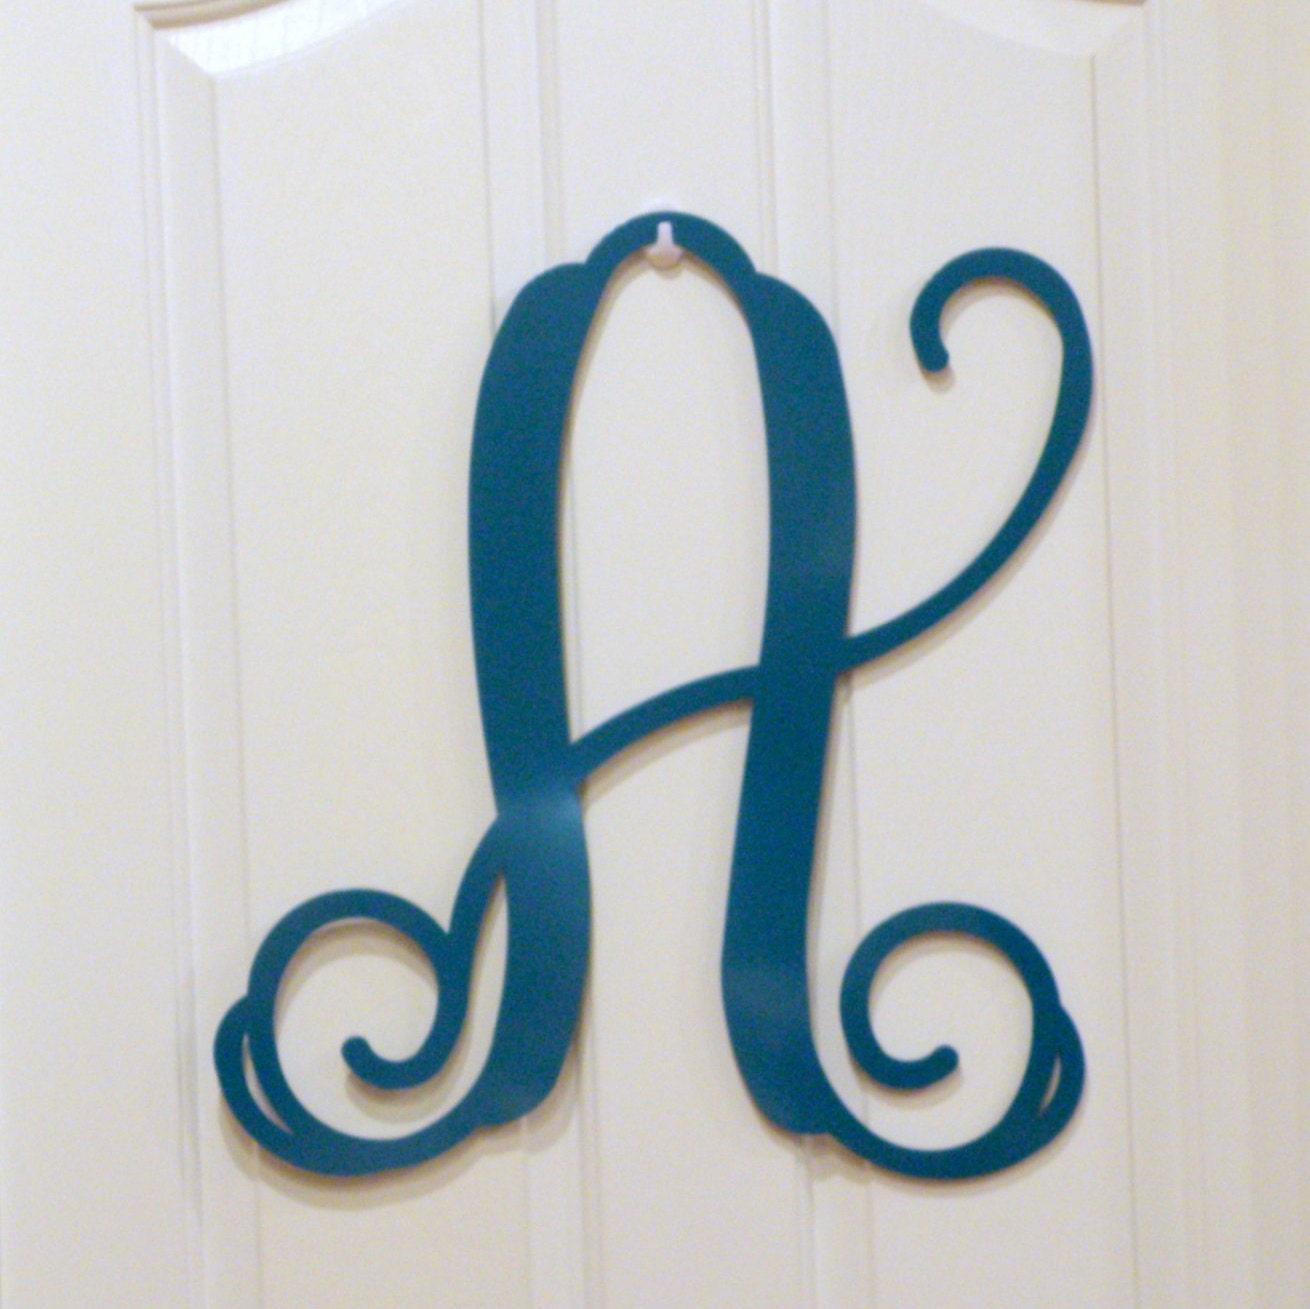 18 initial door hanger letter door hanger monogrammed With letter hanger